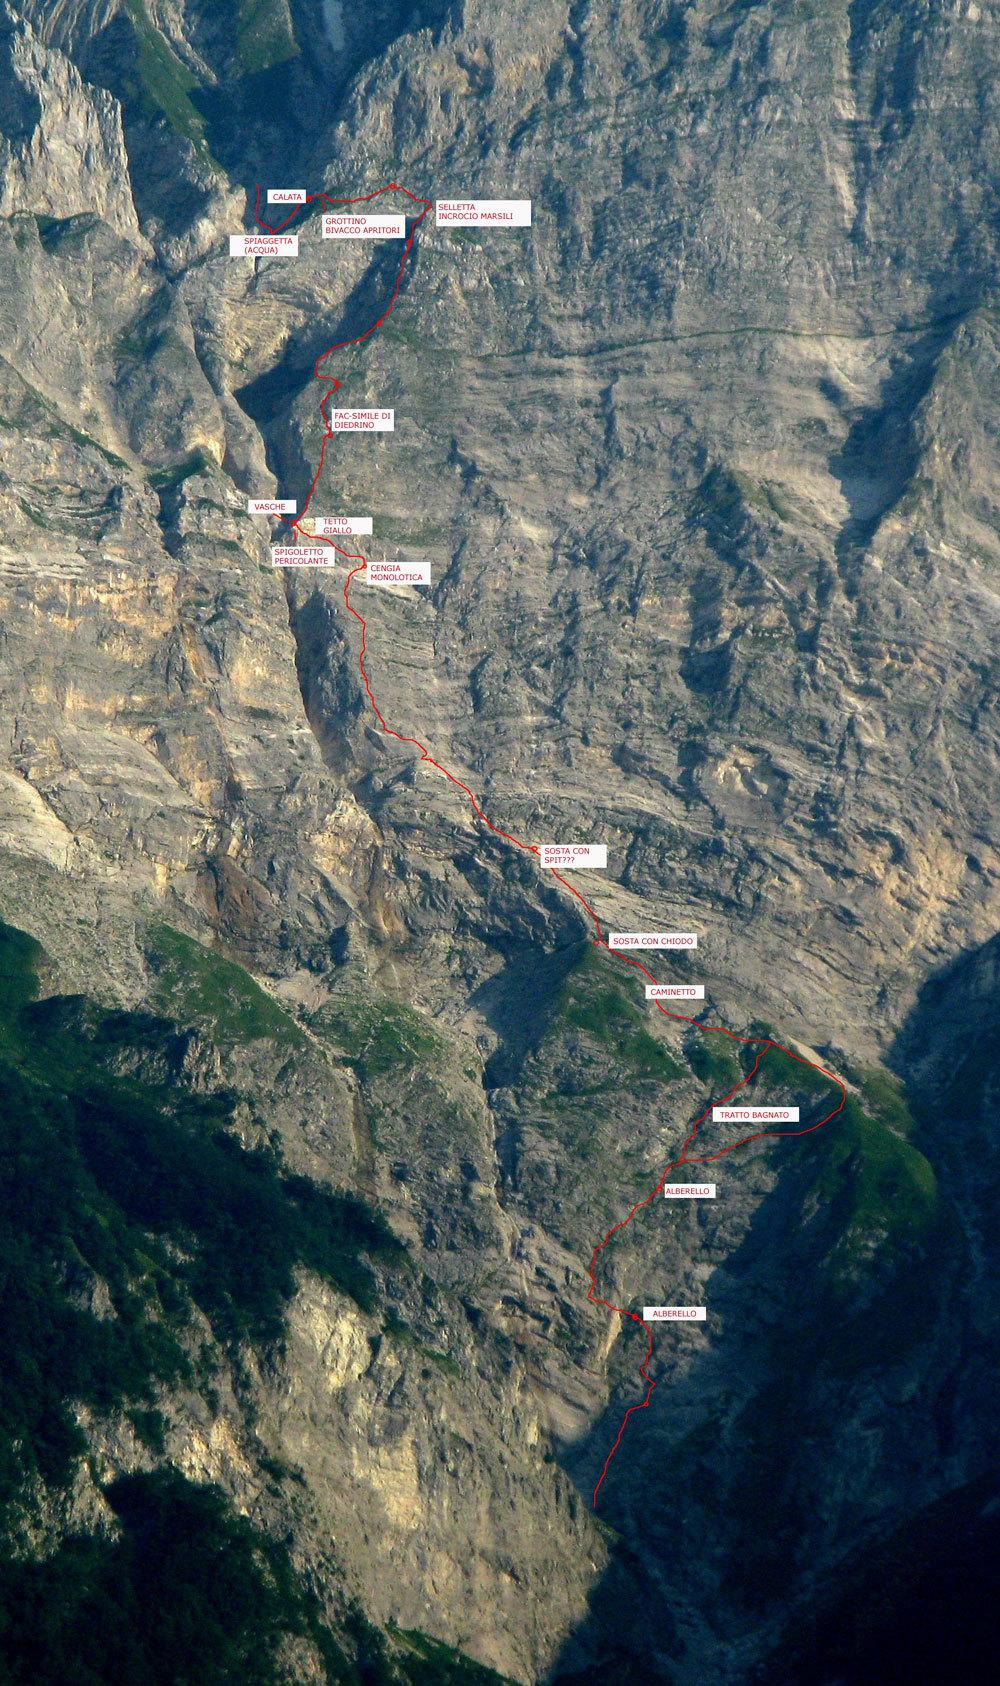 Tracciato e note di Vacanze romane (2070m, 43 tiri, EX-) parete Nord Monte Camicia (Gran Sasso)., archivio A. Di Pascasio, E. Pontecorvo